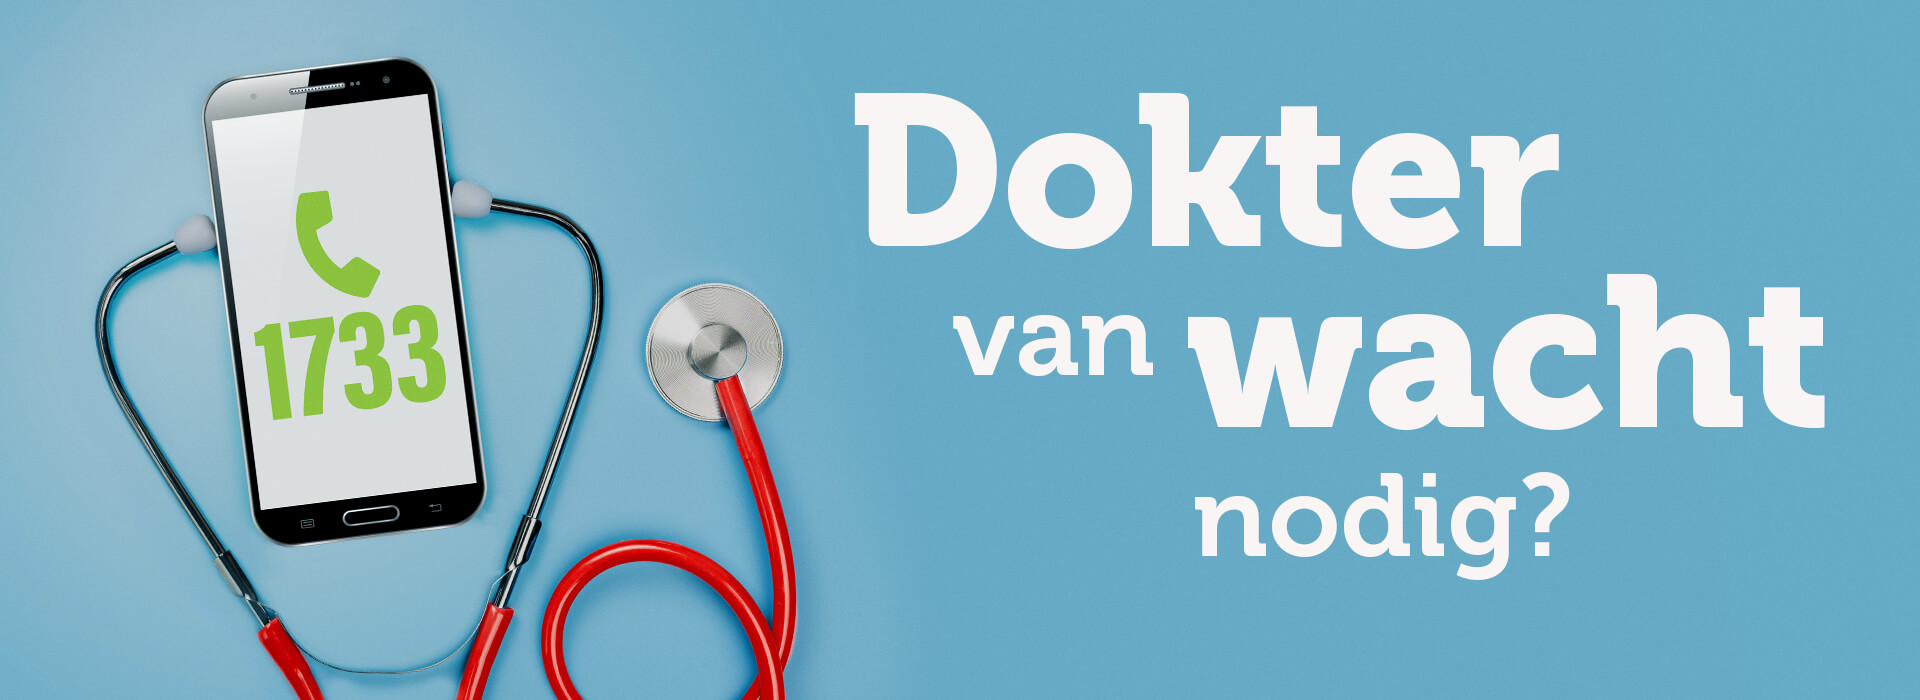 Dokter van wacht nodig? Bel 1733